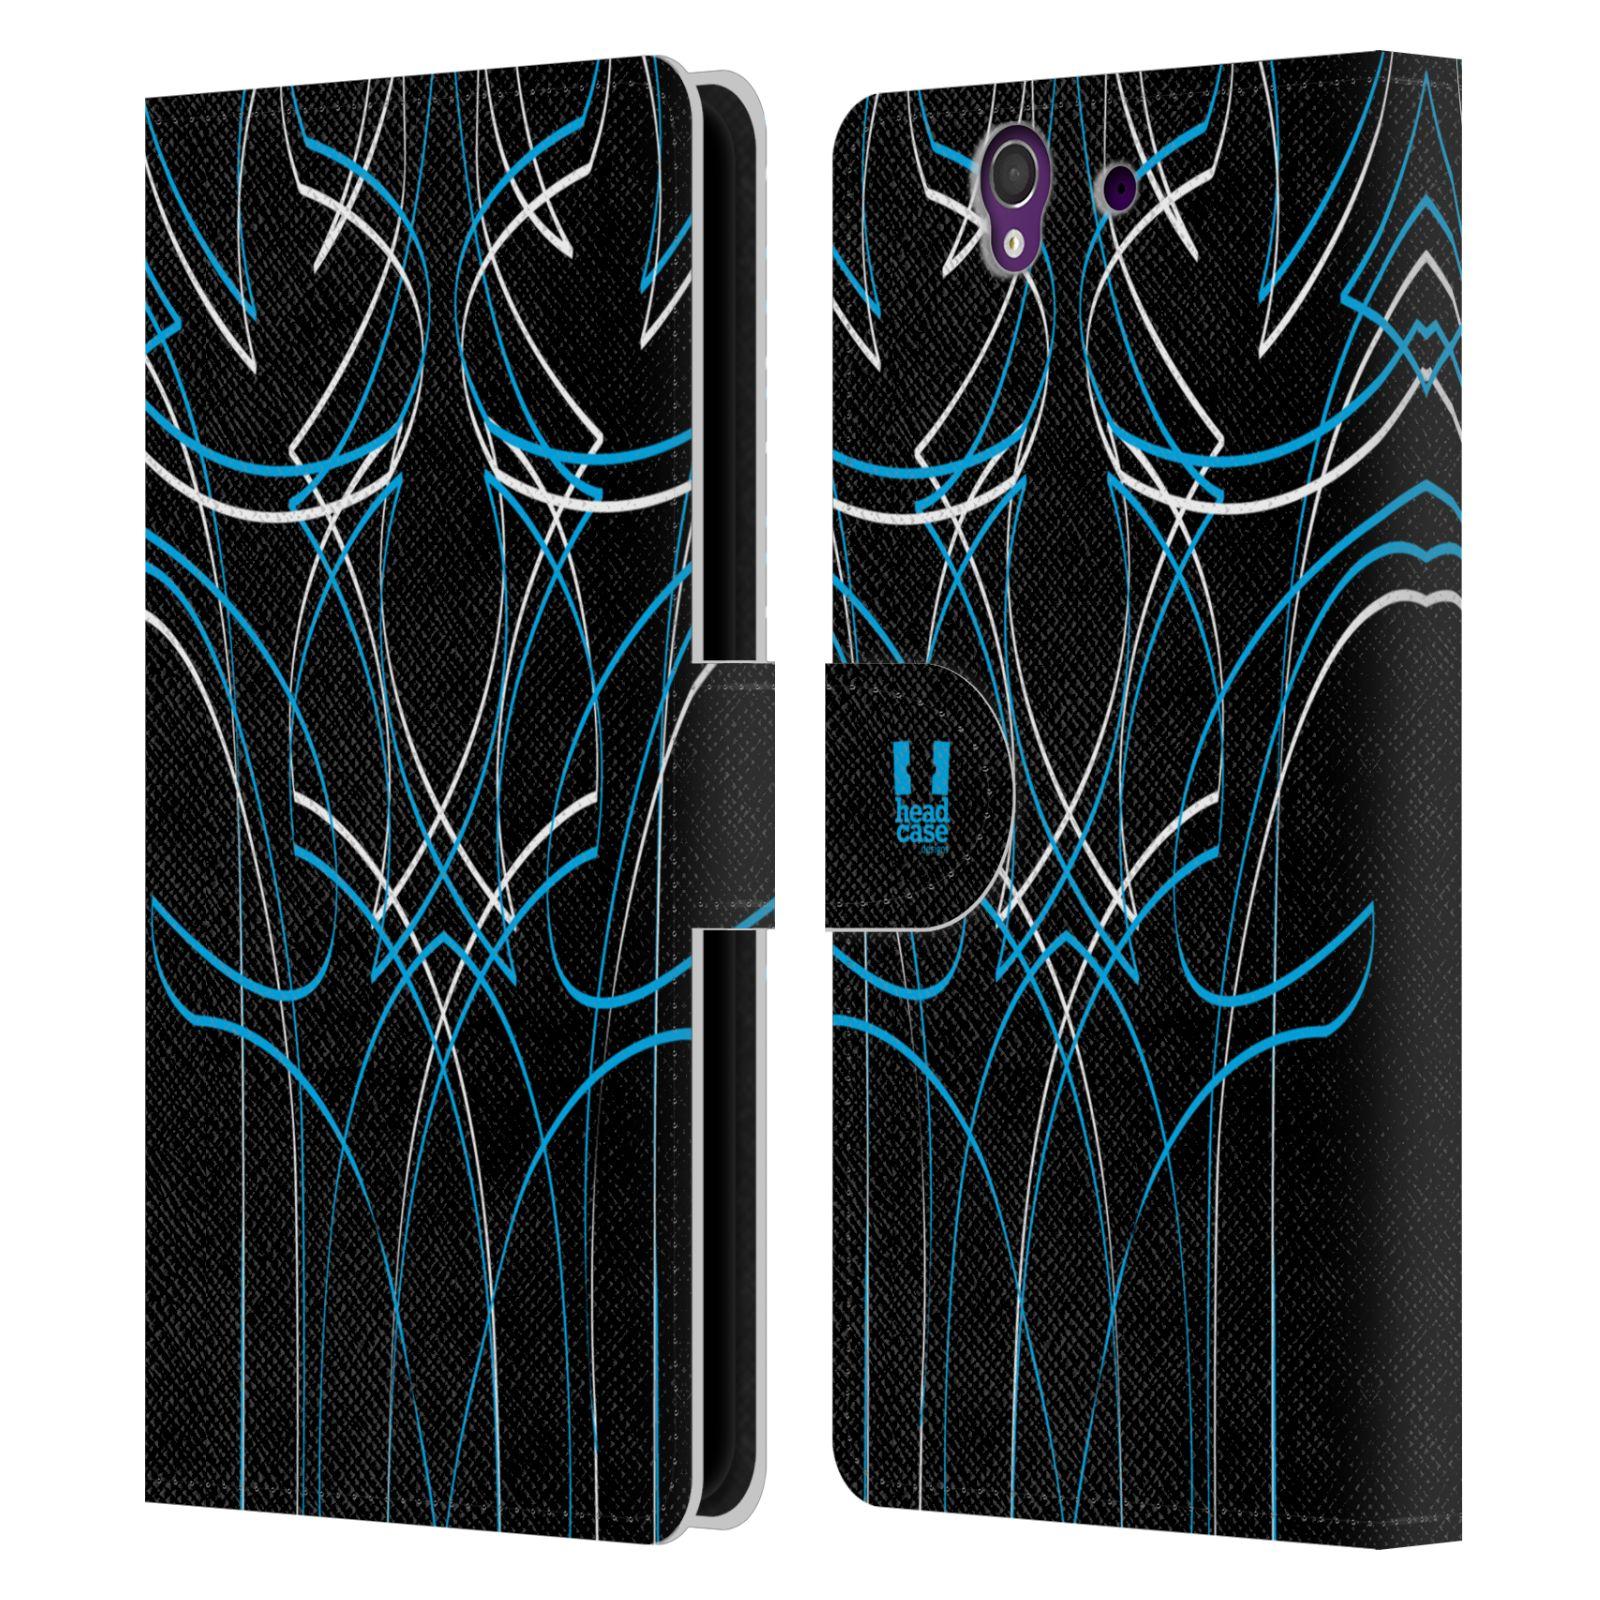 HEAD CASE Flipové pouzdro pro mobil SONY XPERIA Z (C6603) barevné proužky tvary modrá